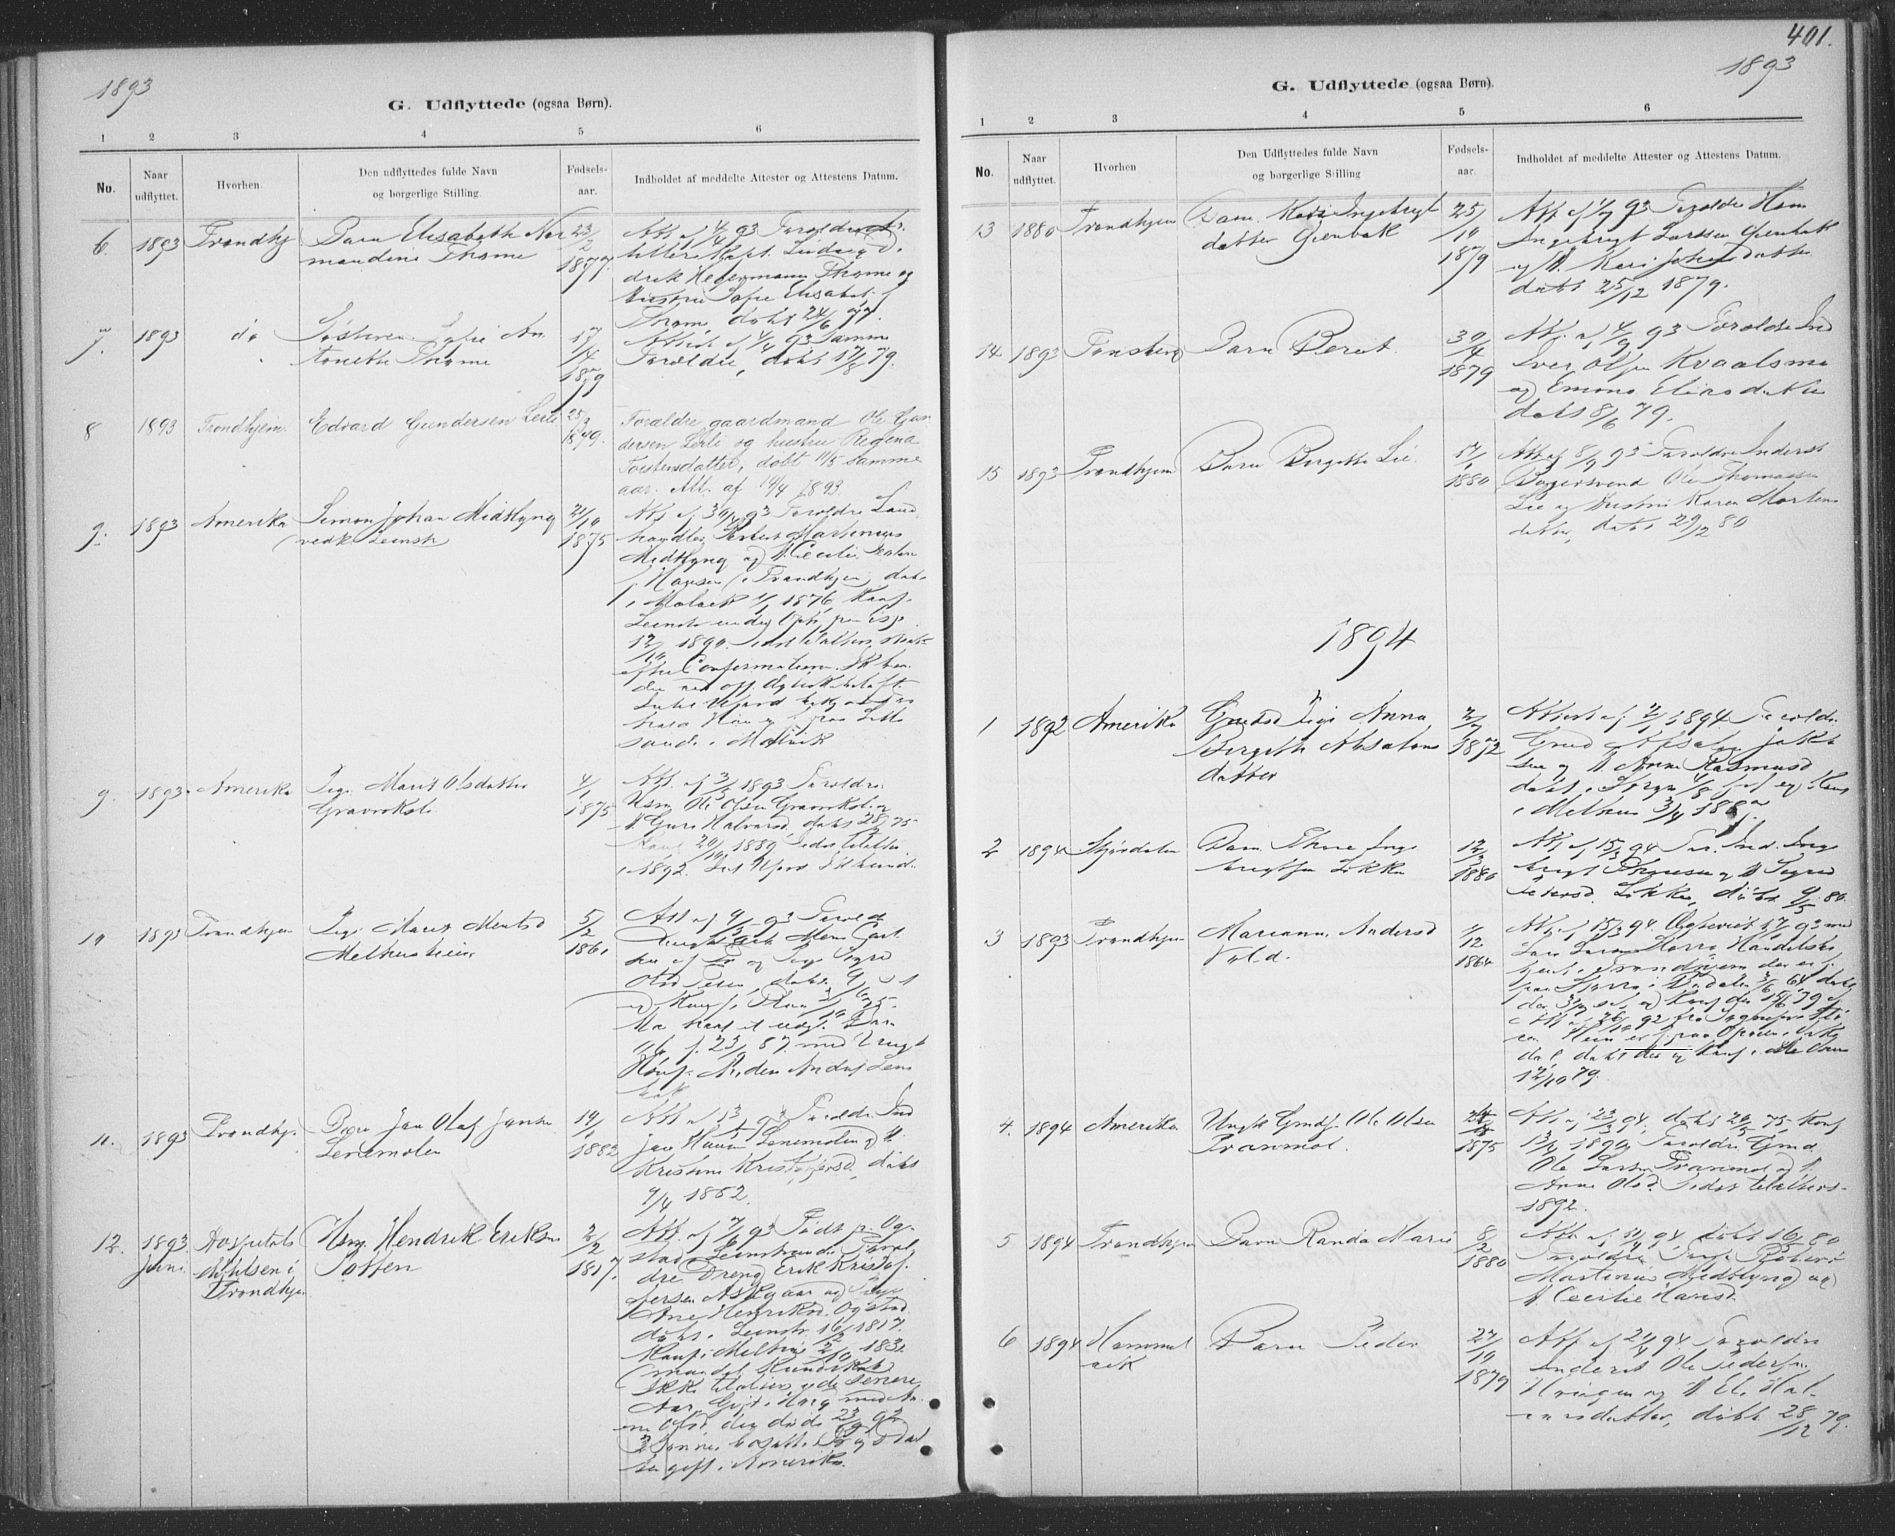 SAT, Ministerialprotokoller, klokkerbøker og fødselsregistre - Sør-Trøndelag, 691/L1085: Ministerialbok nr. 691A17, 1887-1908, s. 401